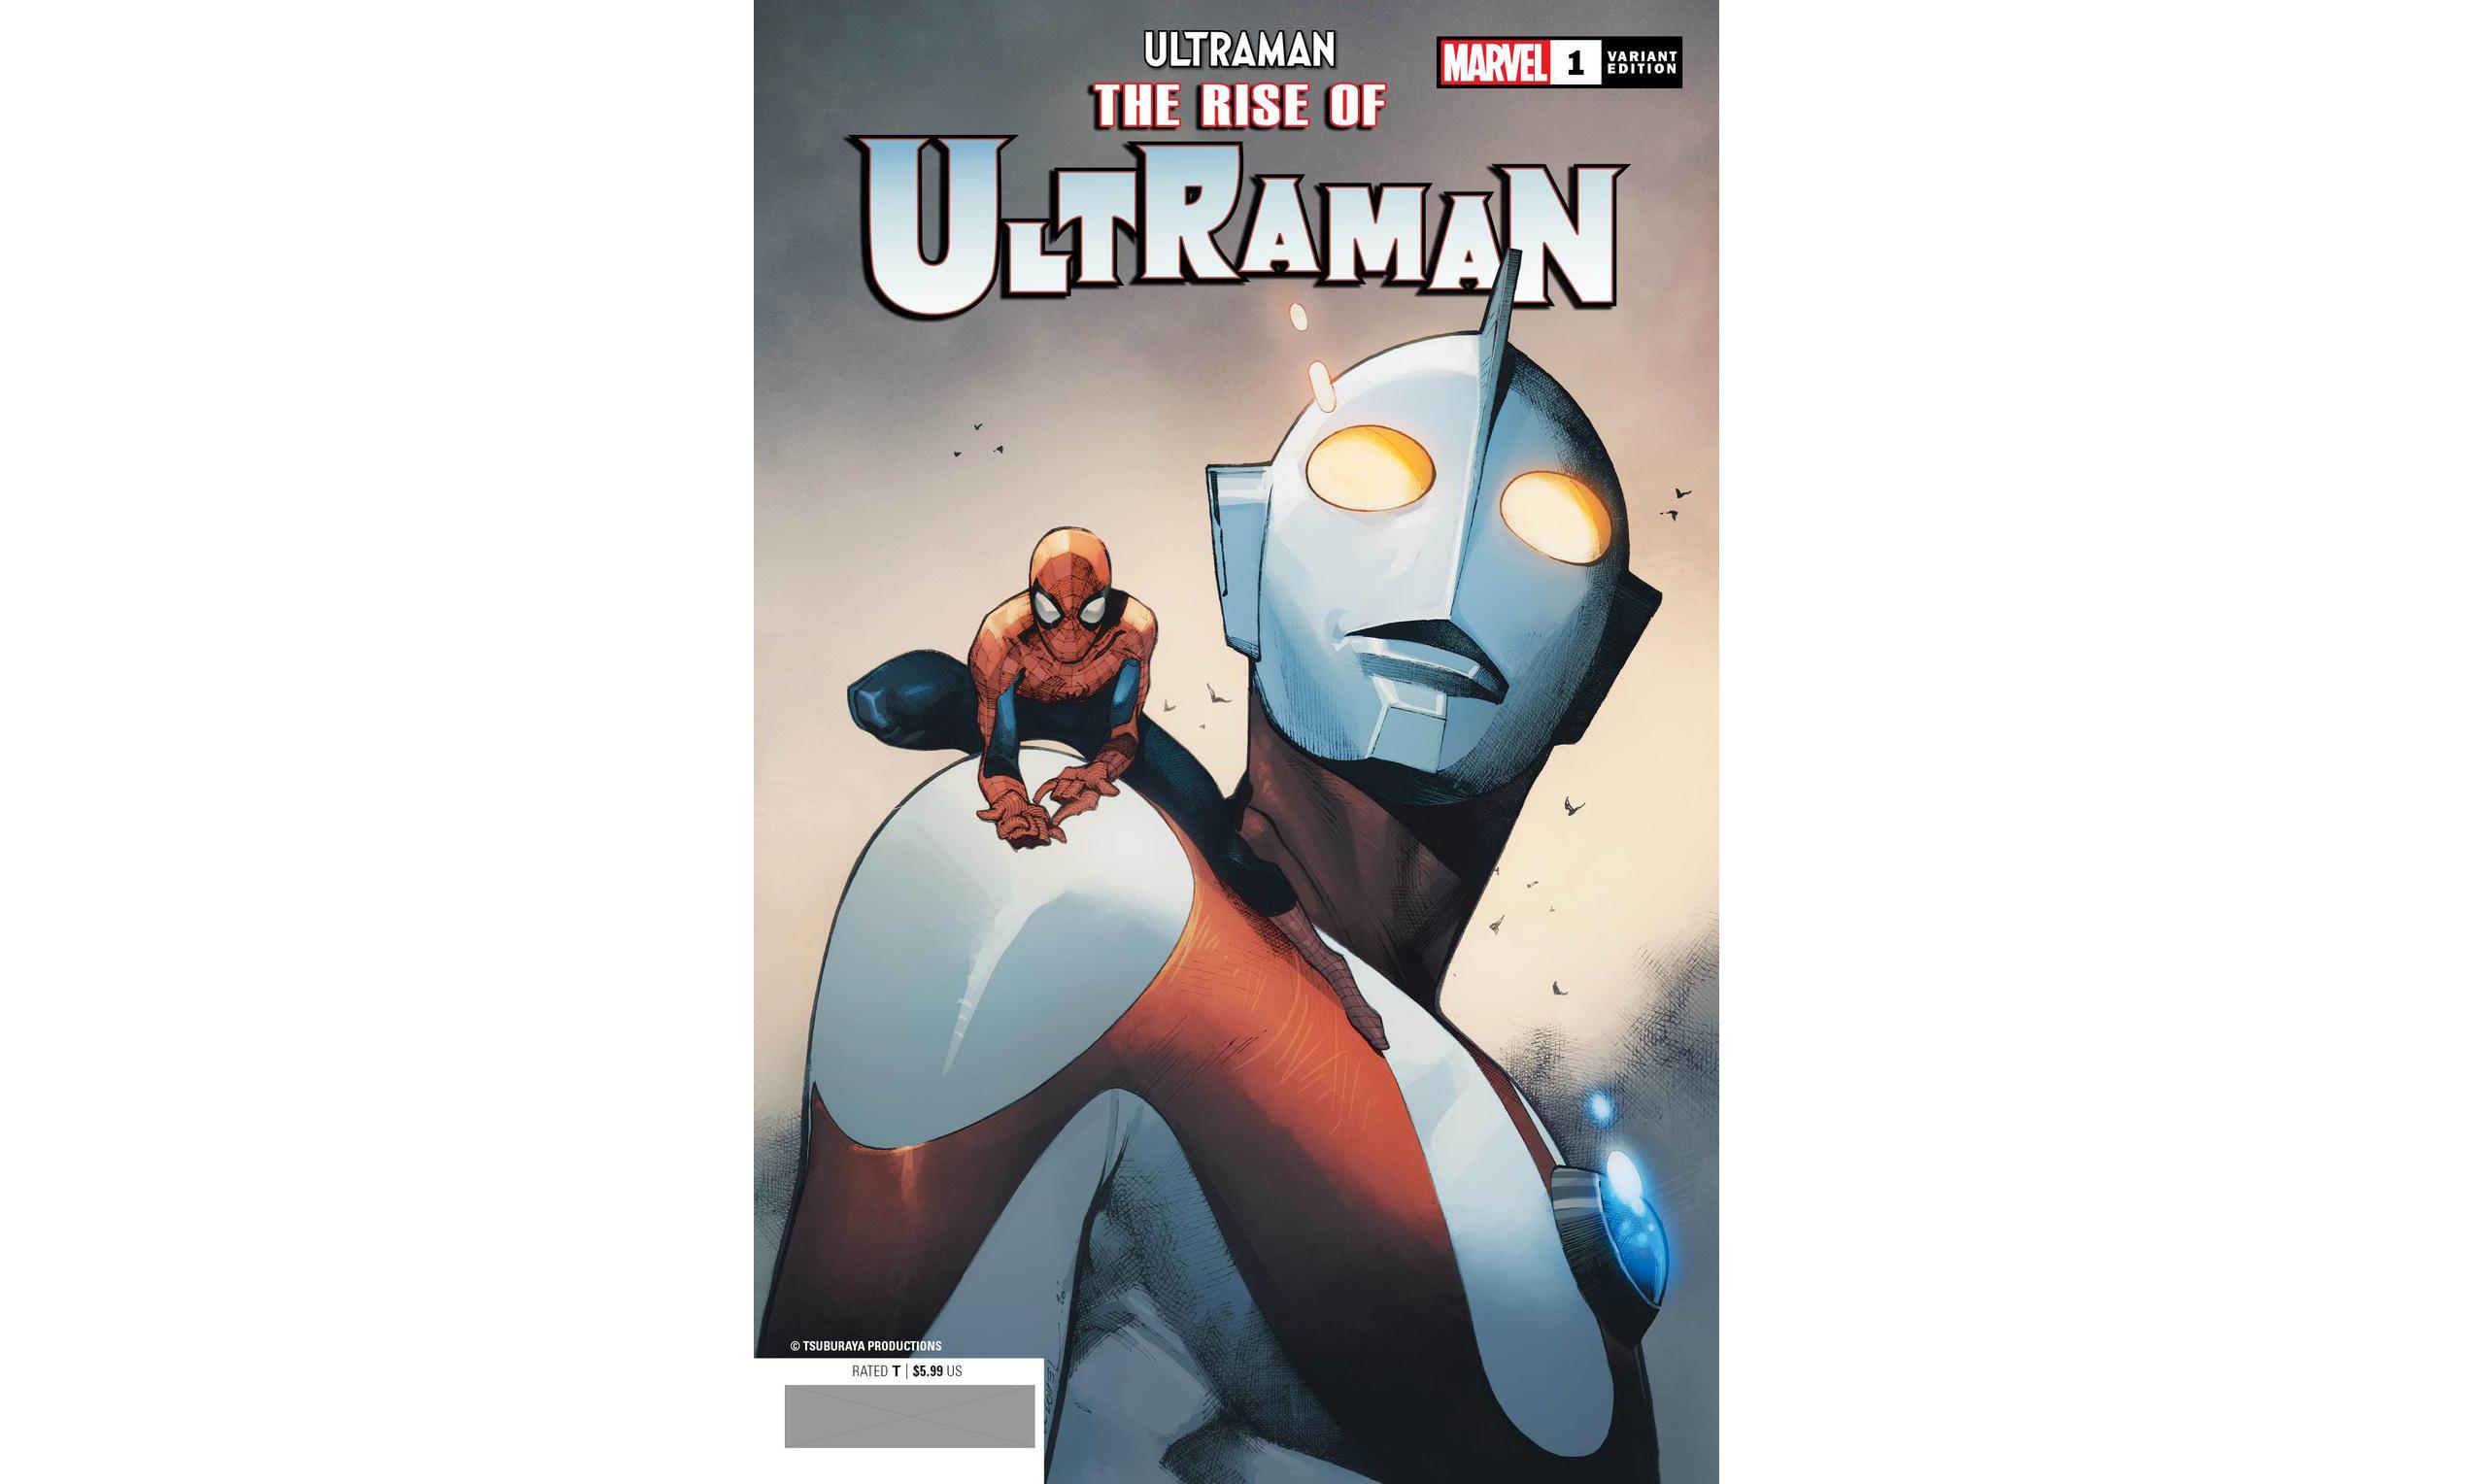 漫威圆谷合作漫画《奥特曼崛起》将与蜘蛛侠联动